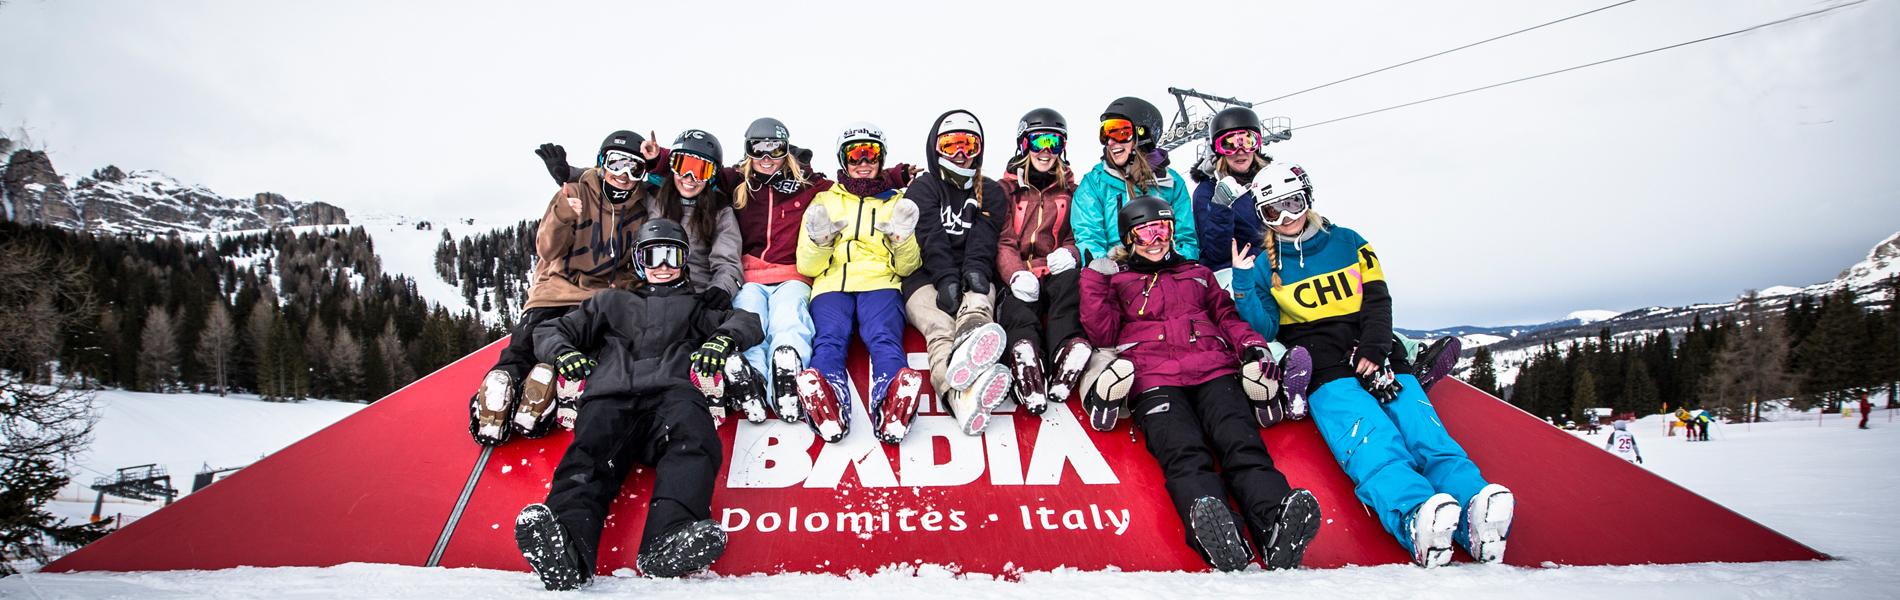 #RideTheDolomites - Gewinnspiel für Freestyle-Girls